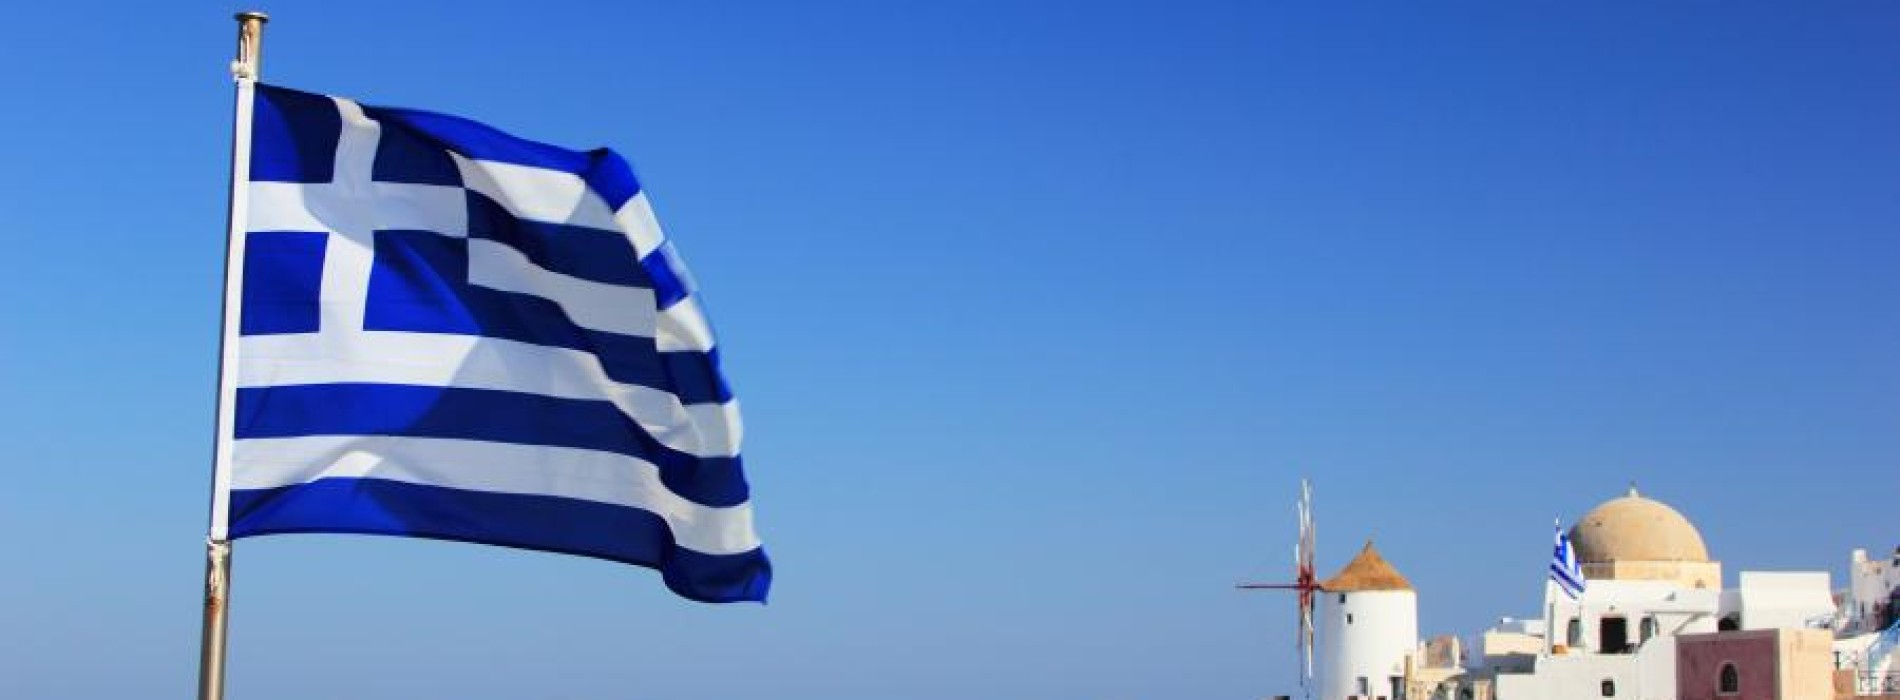 Dla złotego Grecja ważniejsza niż PMI